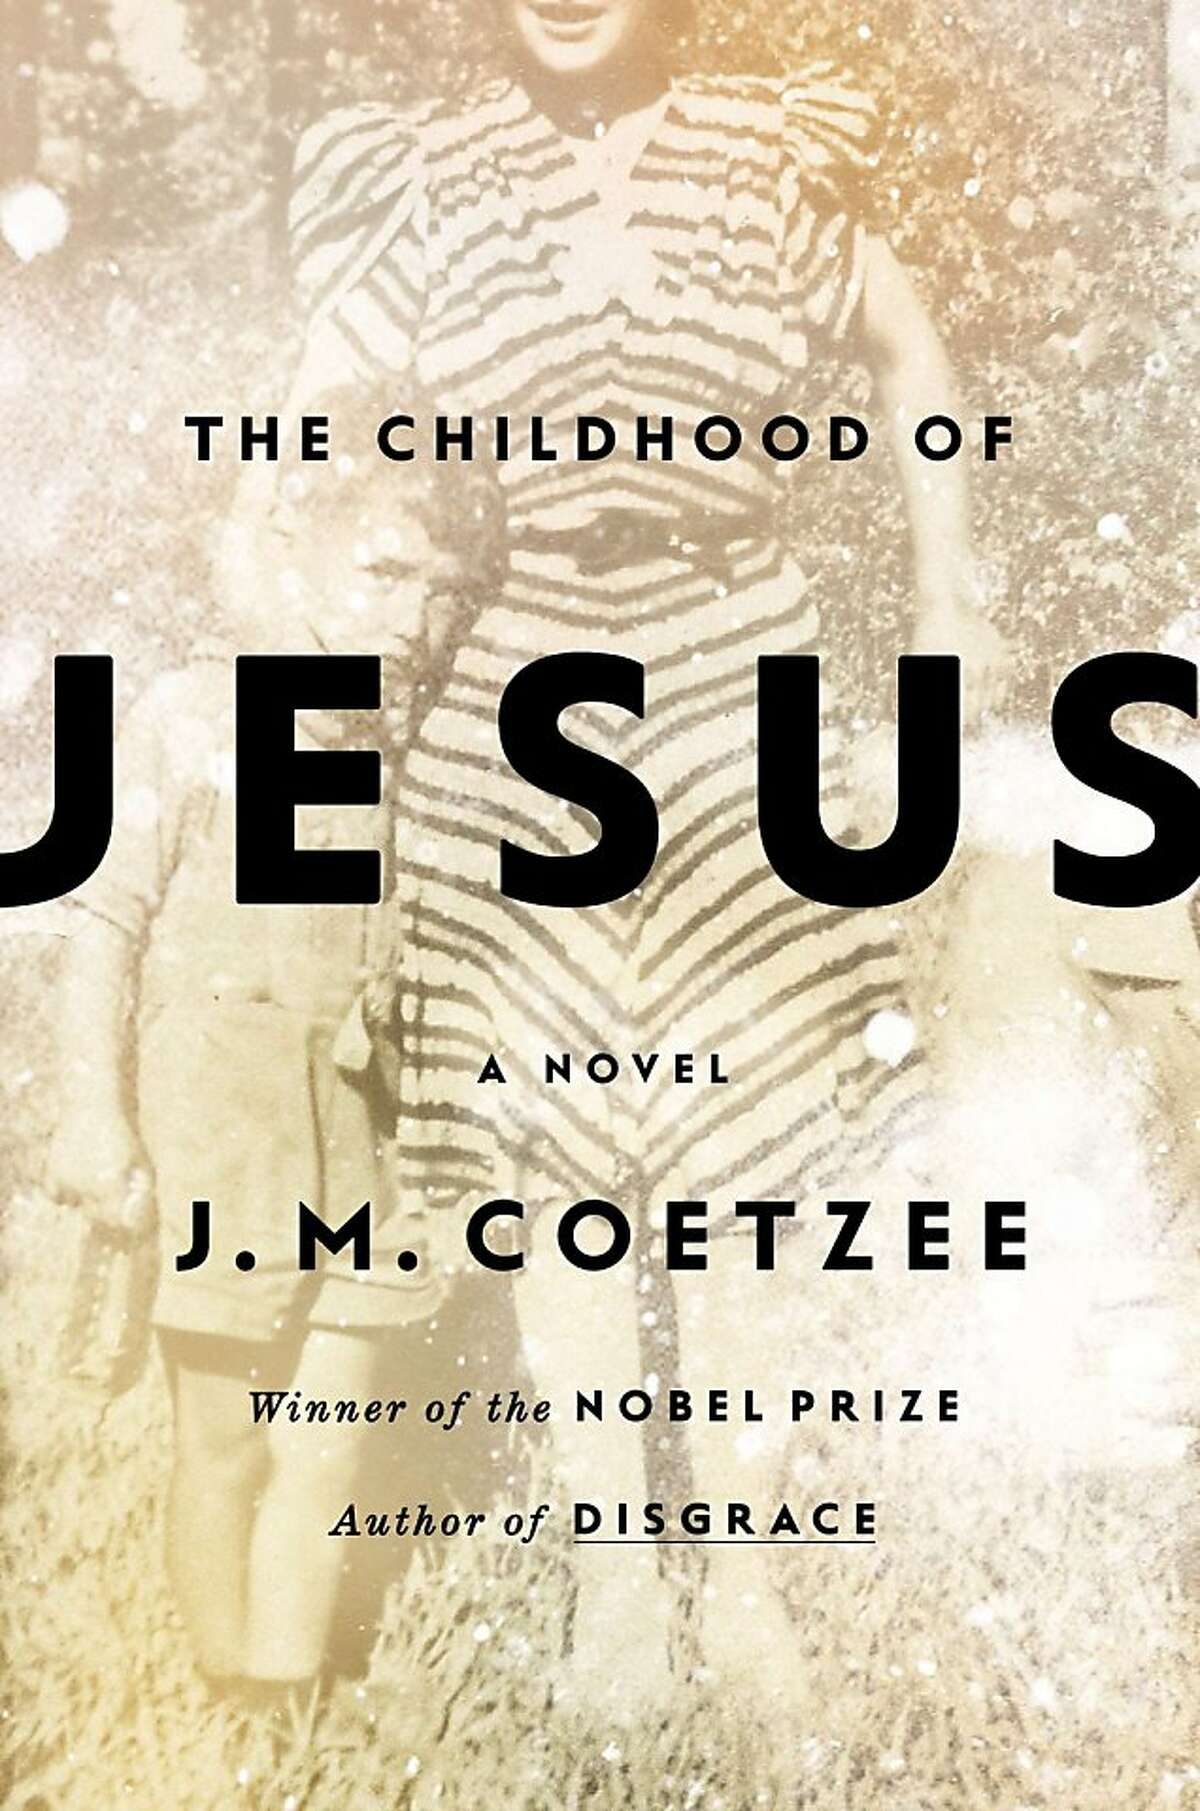 The Childhood of Jesus, by J.M. Coetzee